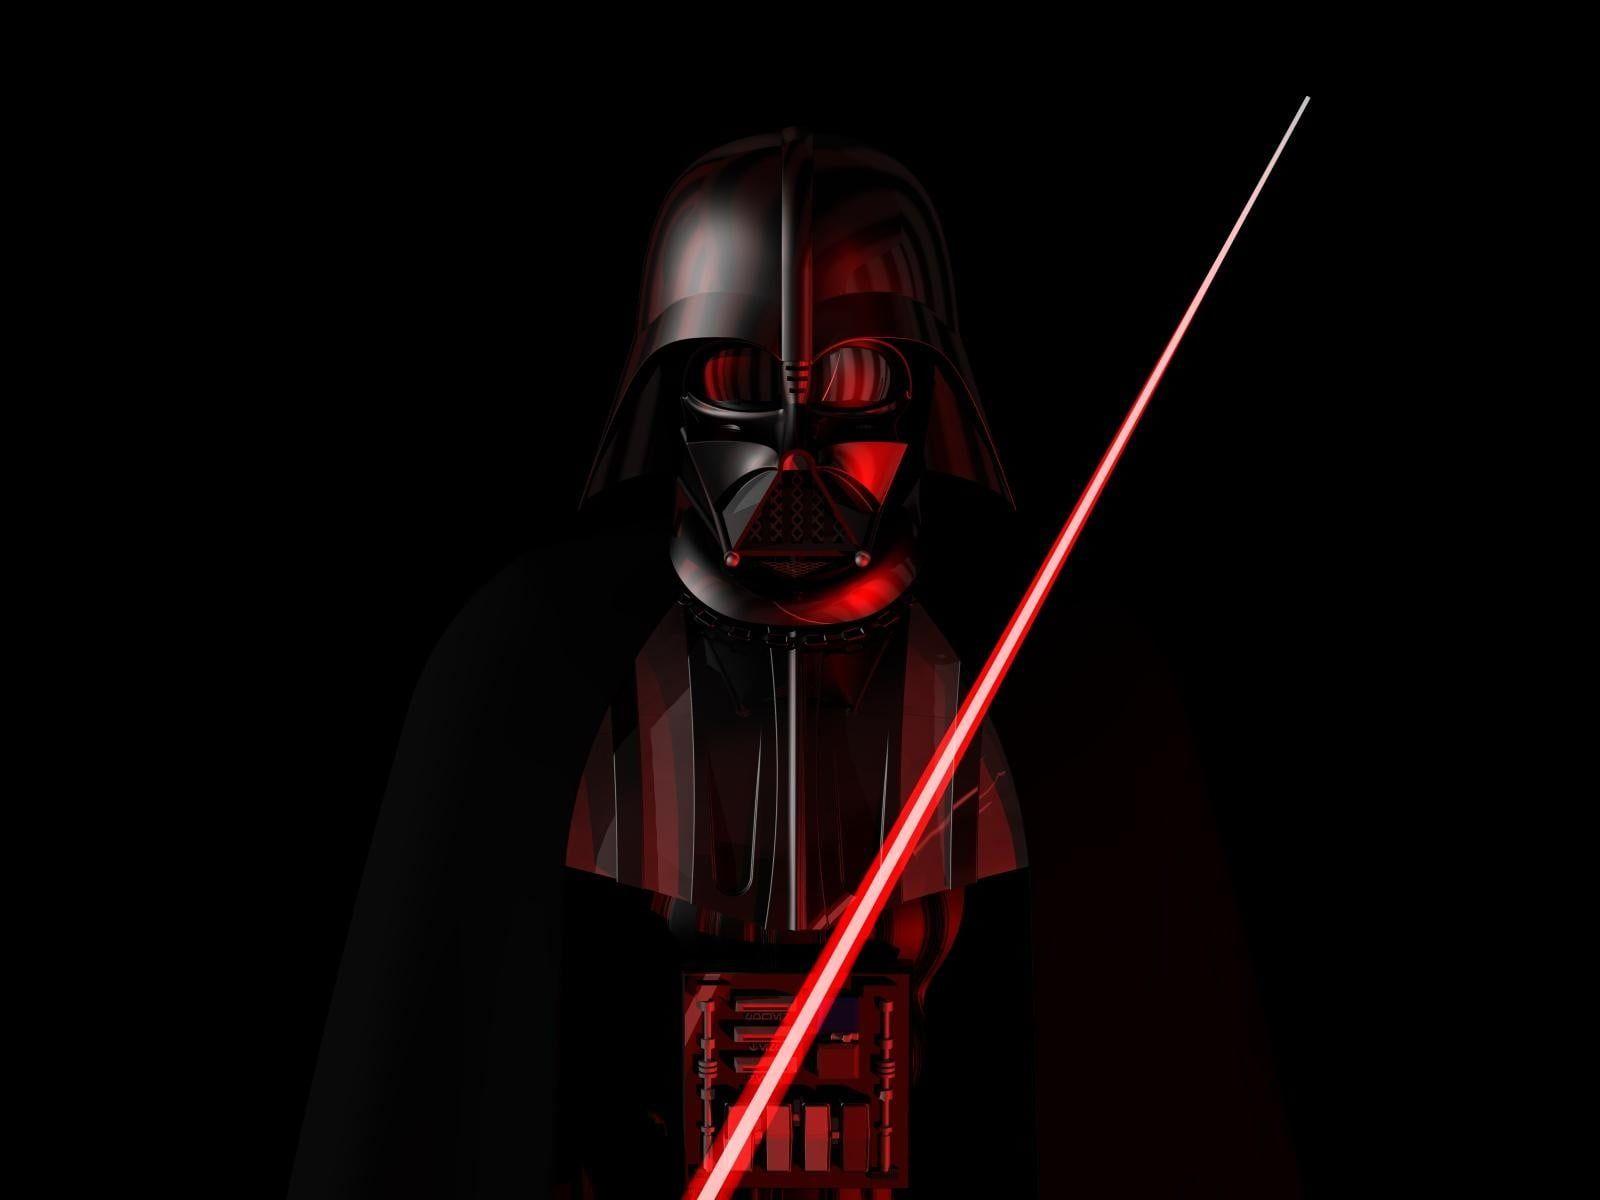 Star Wars Darth Vader Stars Wars Darth Vader Dark Side 720p Wallpaper Hdwallpaper Desktop Darth Vader Dark Side Darth Vader Wallpaper Darth Vader